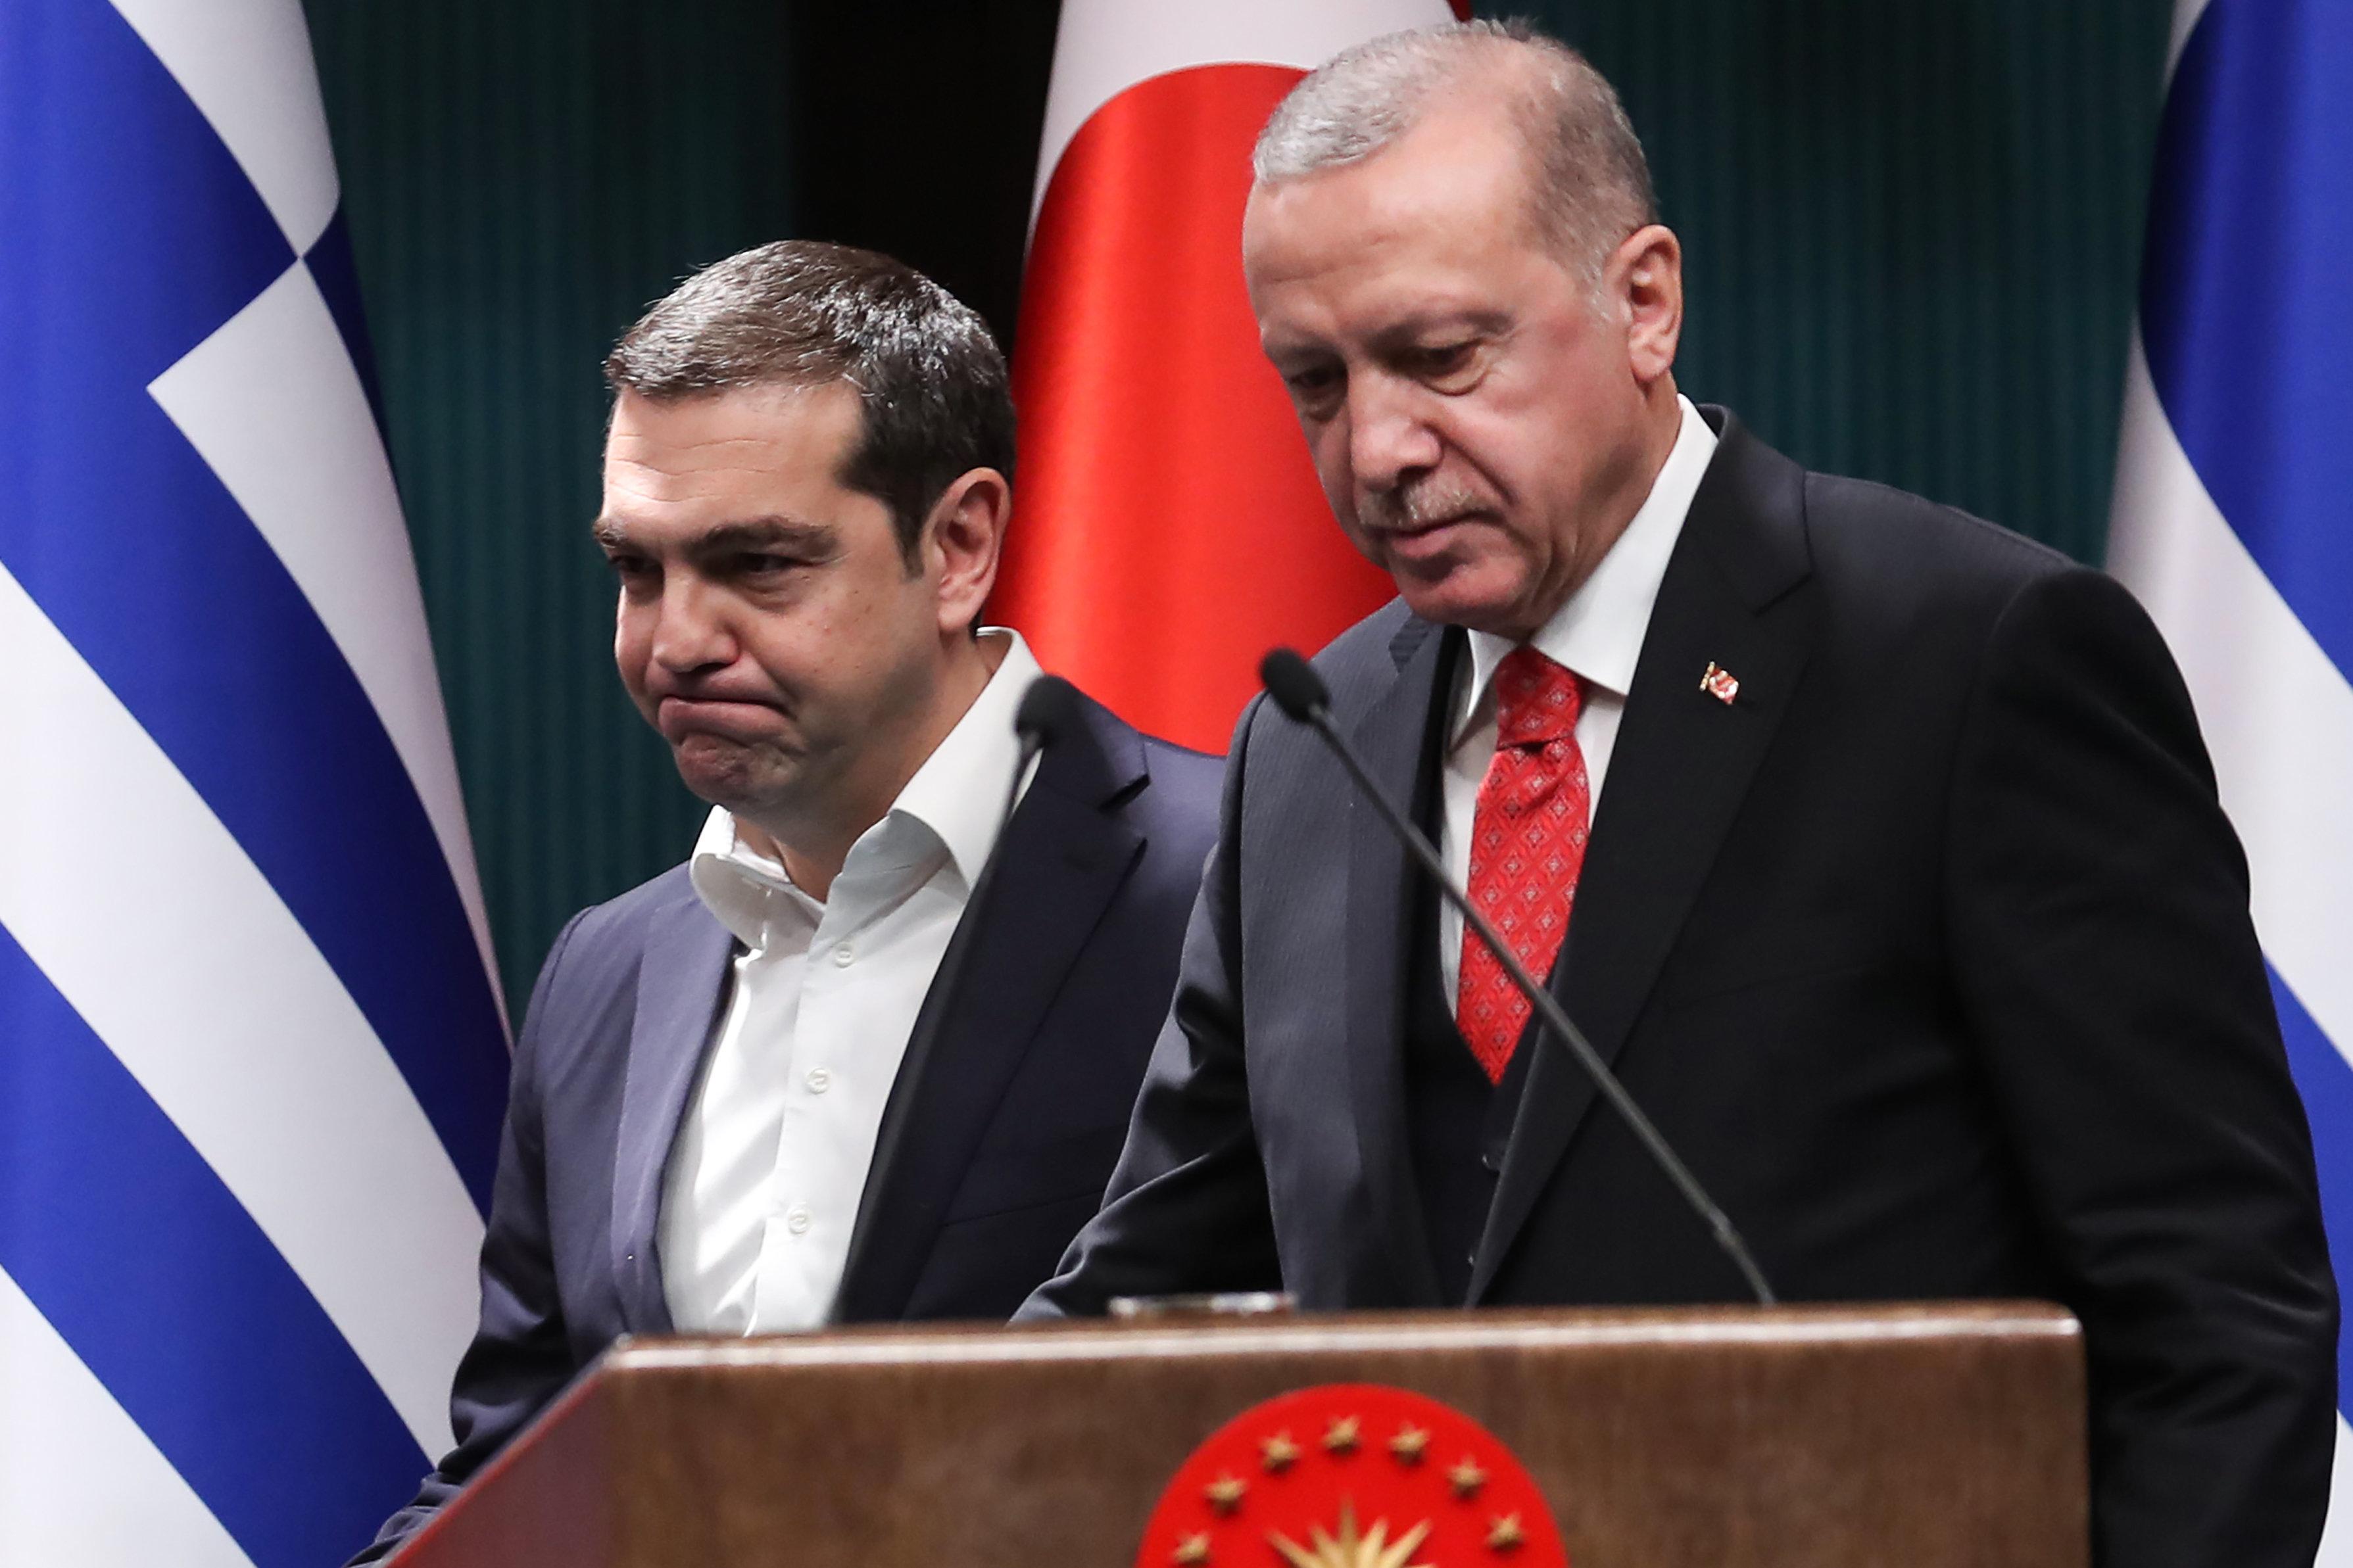 Προς έναν οδικό χάρτη Ελλάδας-Τουρκίας. Παράθυρο ευκαιρίας ή παγίδας